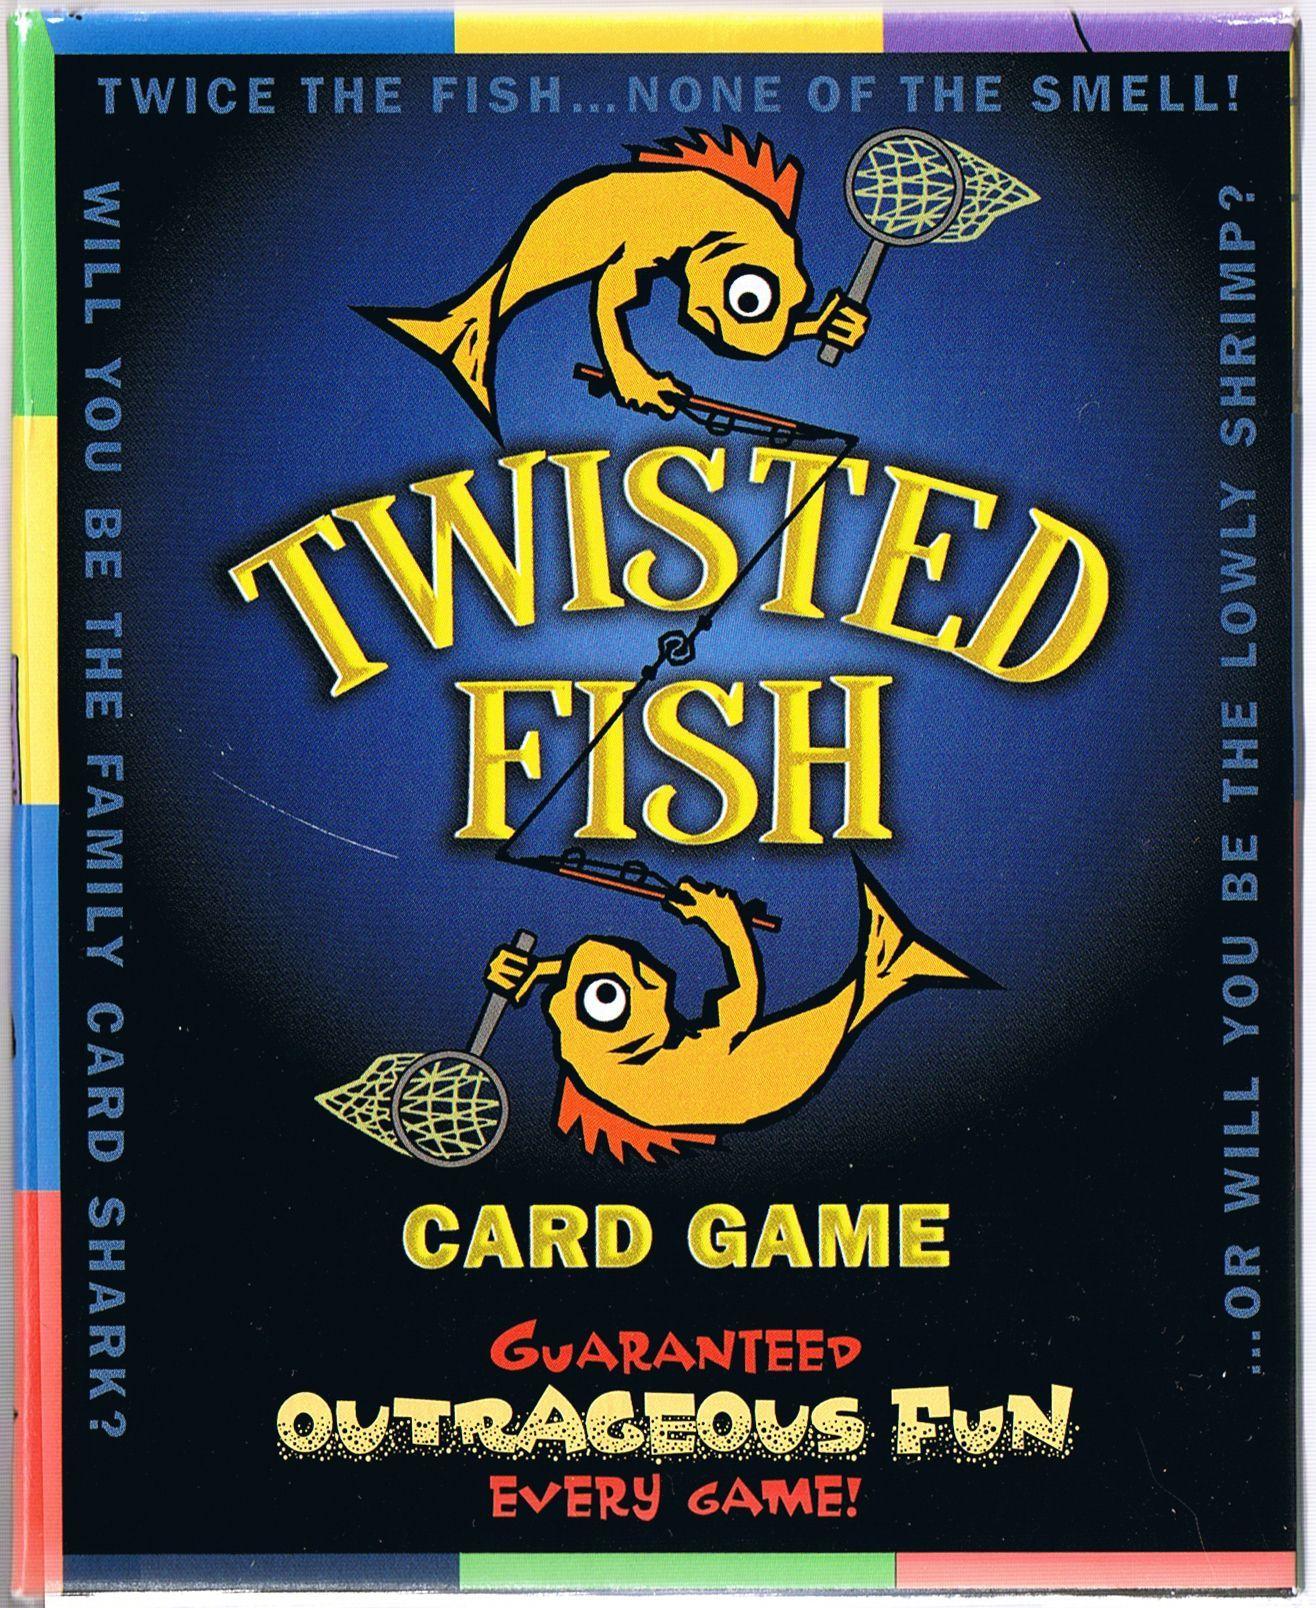 настольная игра Twisted Fish Витая рыба